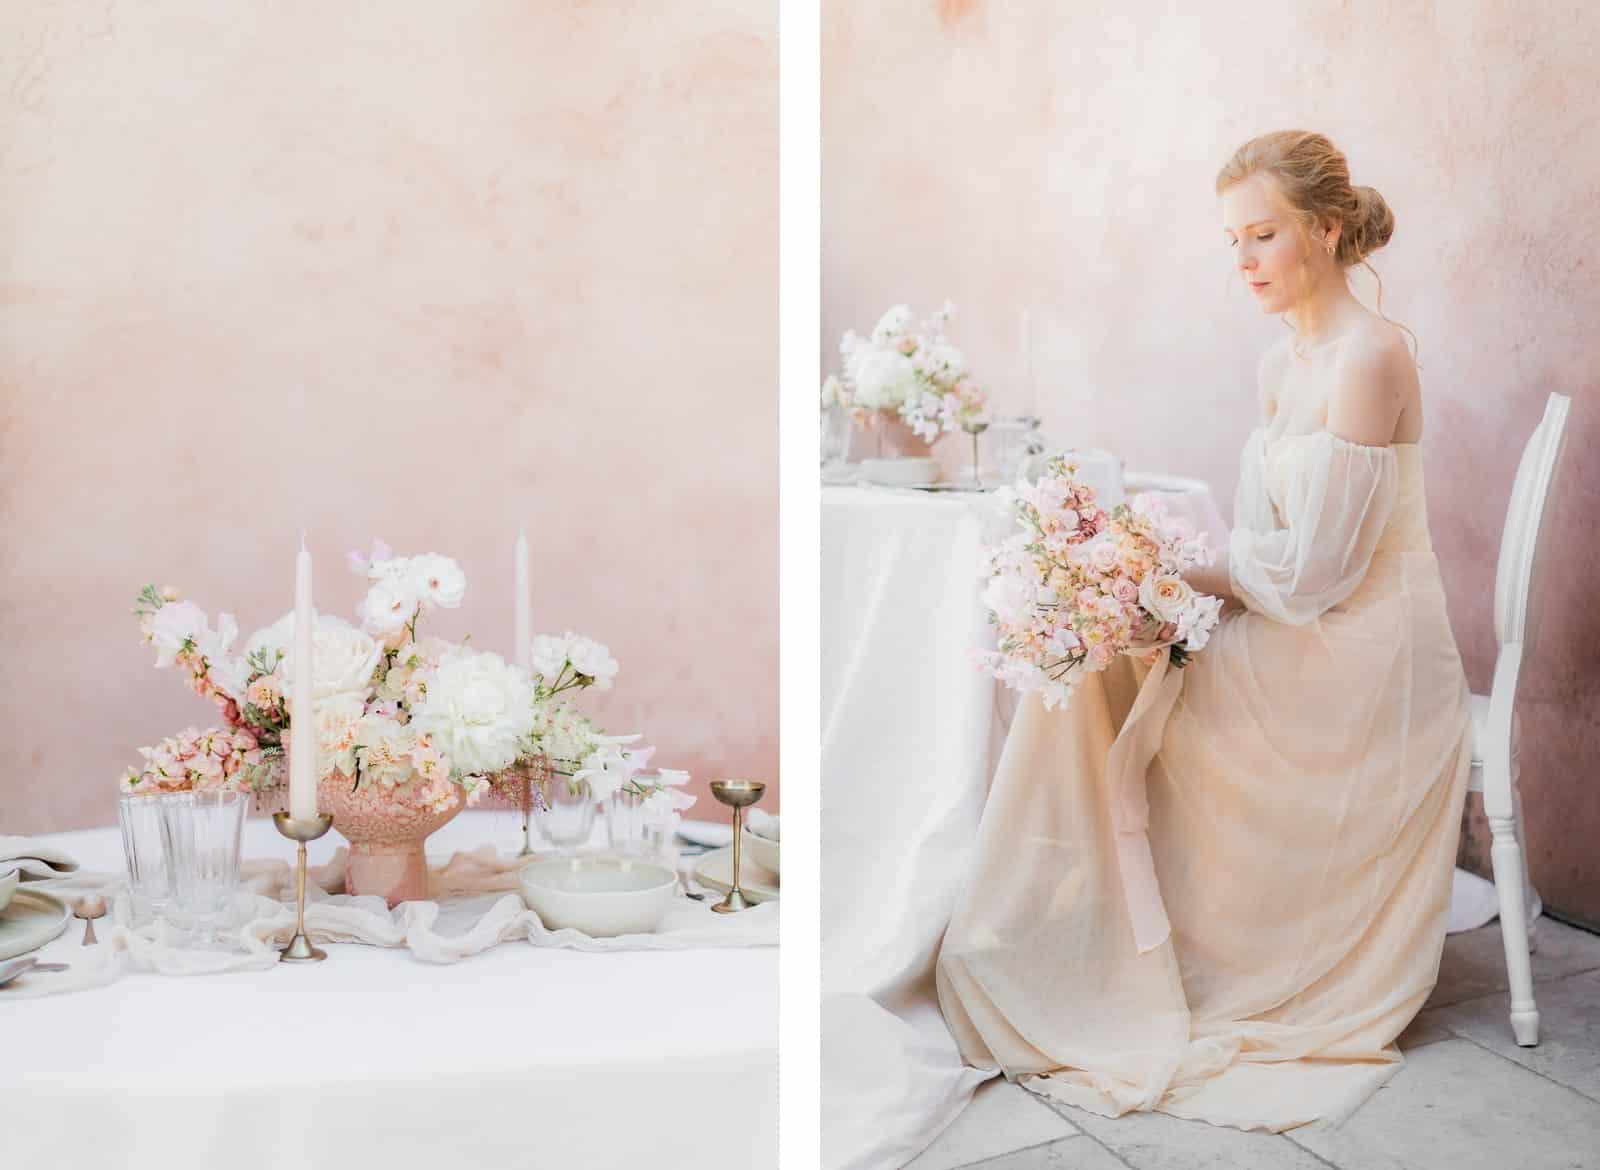 Photographie de Mathieu Dété présentant la mariée assise à la table fleurie du Château Saint Julien d'Aille à Vidauban